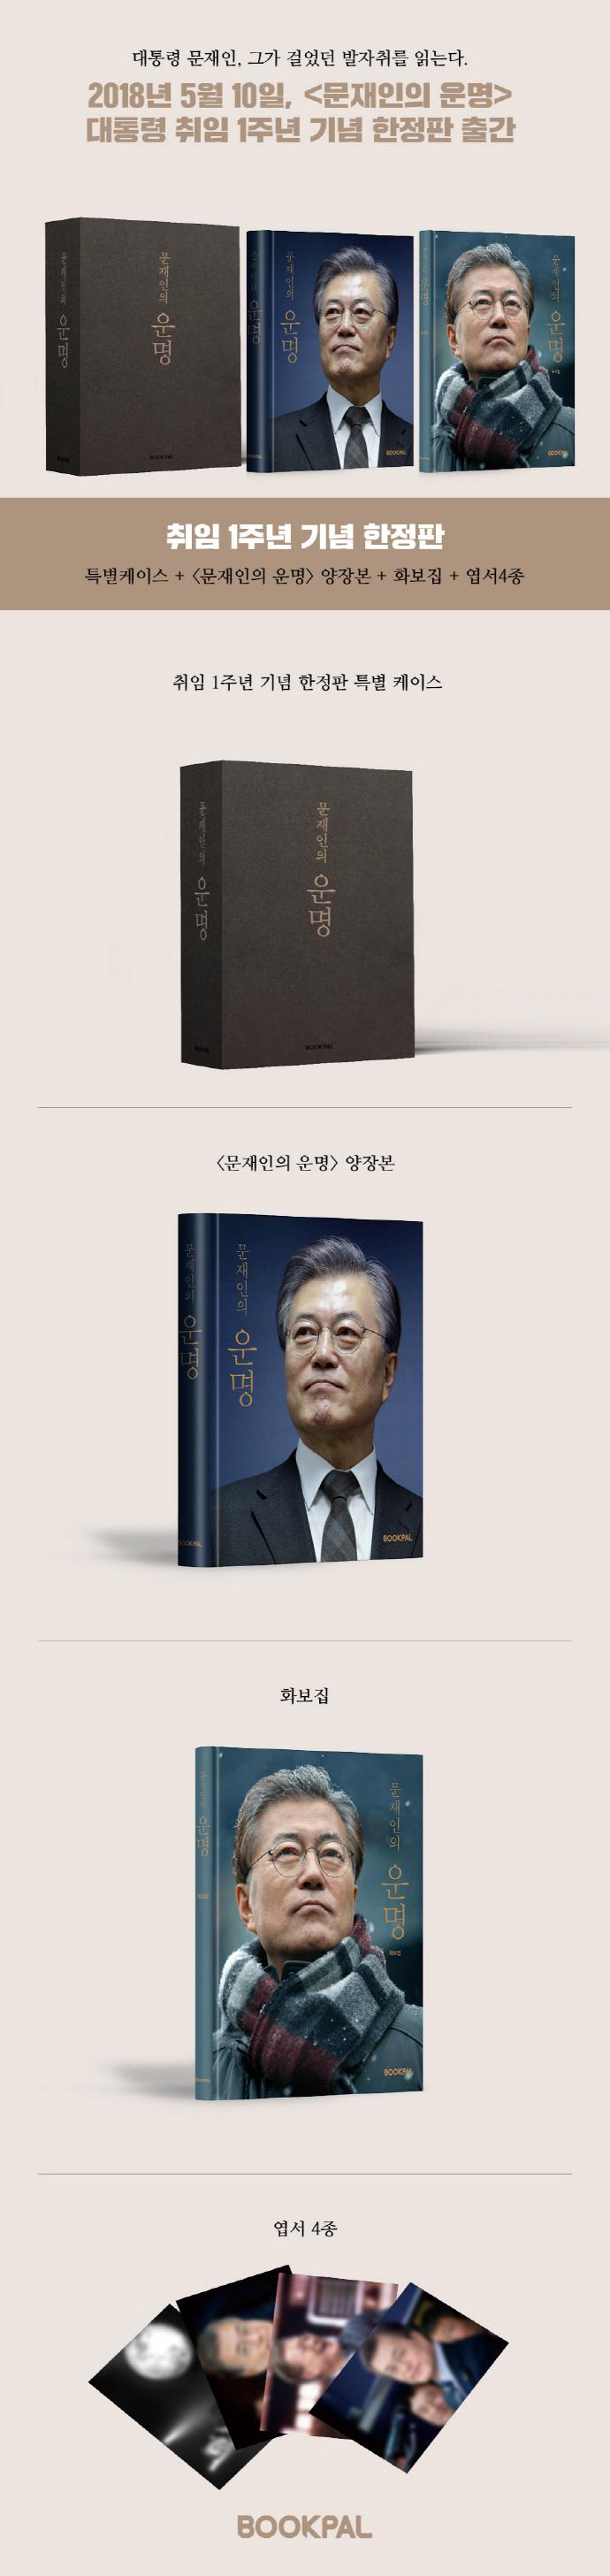 문재인의 운명(취임 1주년 기념 한정판)(양장본 HardCover)(전2권) 도서 상세이미지